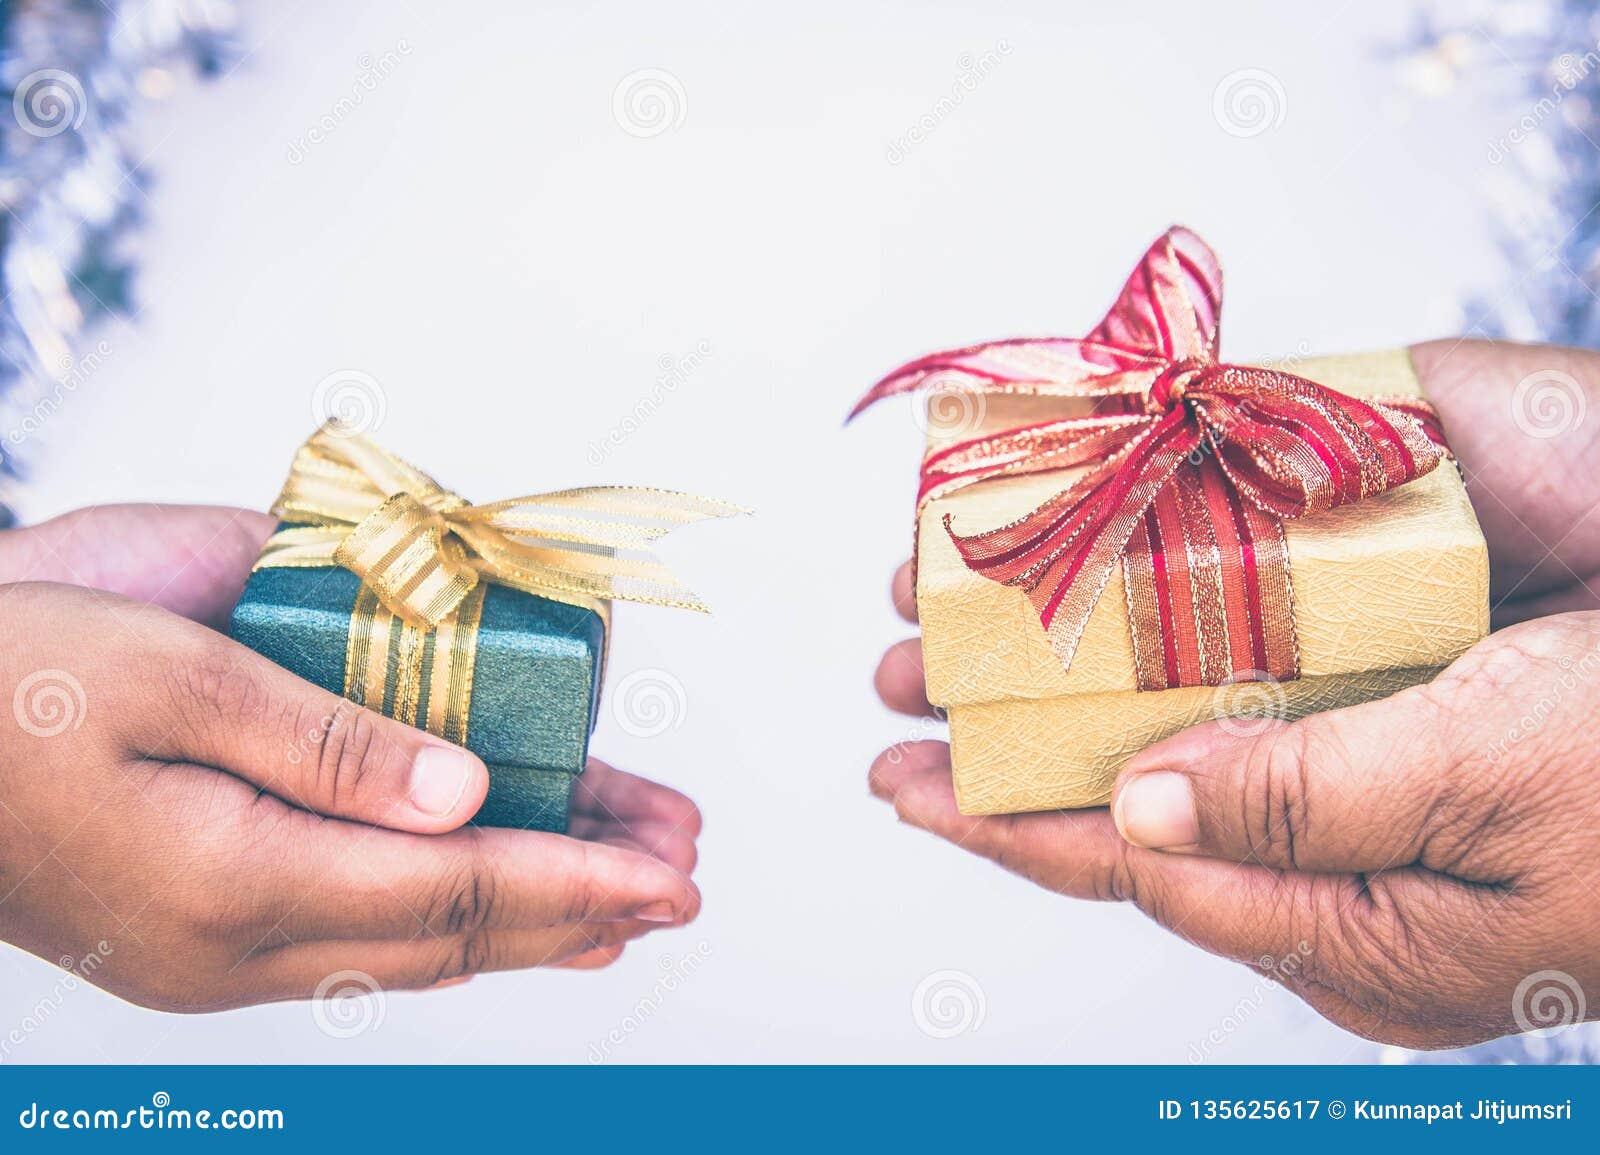 Binnen gevend giftvakje met handen op speciale dagen voor speciale persoon en exemplaar ruimteachtergrond